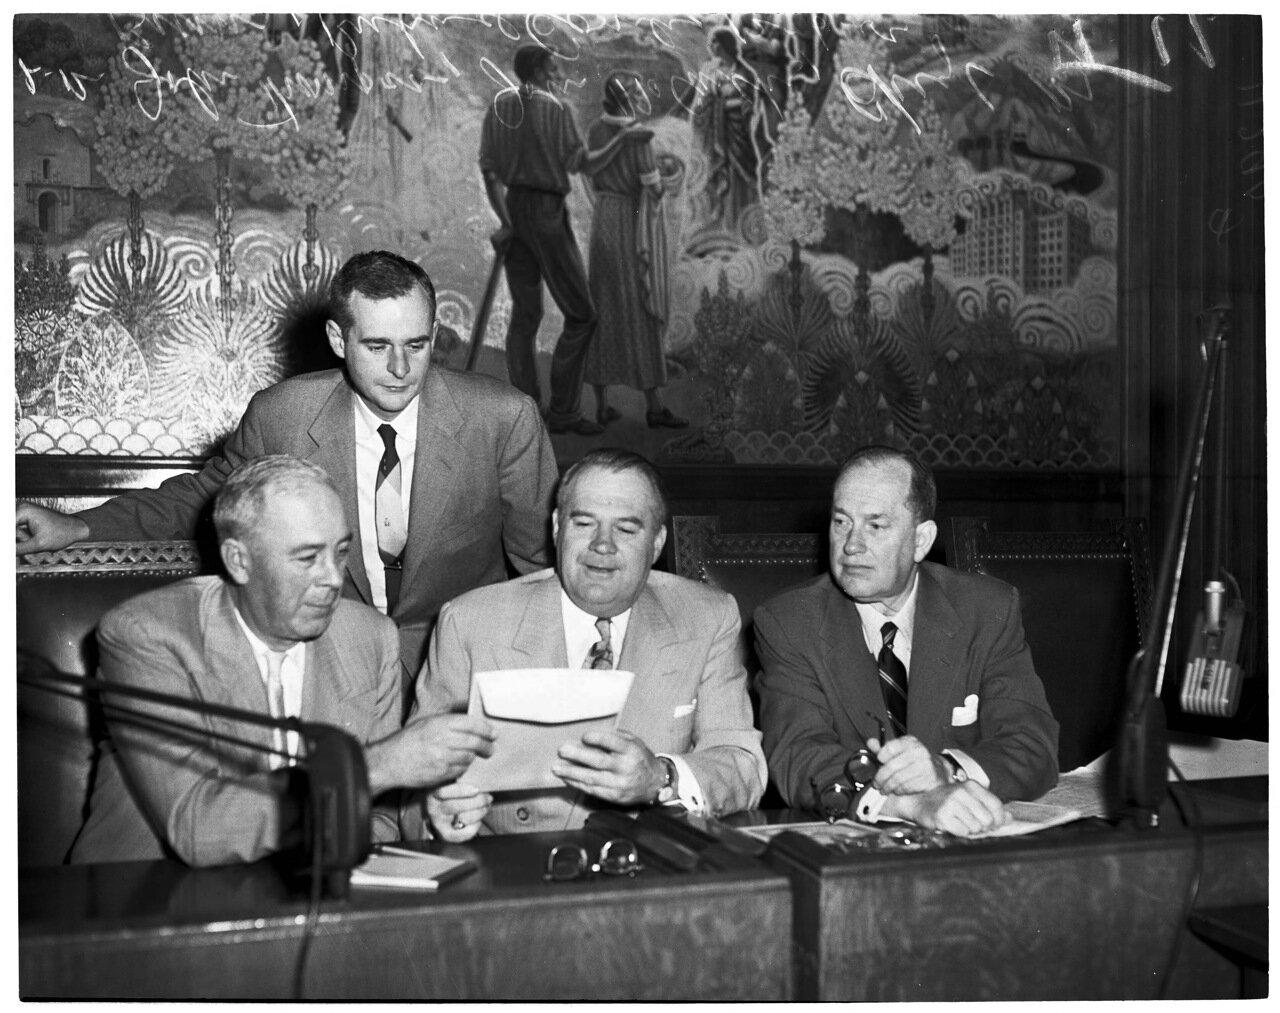 1954. 6 декабря. Комиссия по расследованию антиамериканской деятельности (дело врачей). Сенатор Джон Томпсон (Сан-Хосе), Джон Маккарти (Сан-Рафаэль), сенатор Хью М. Барнс (Фресно) и главный юридический советник Ричард Комбс (Висейлия)